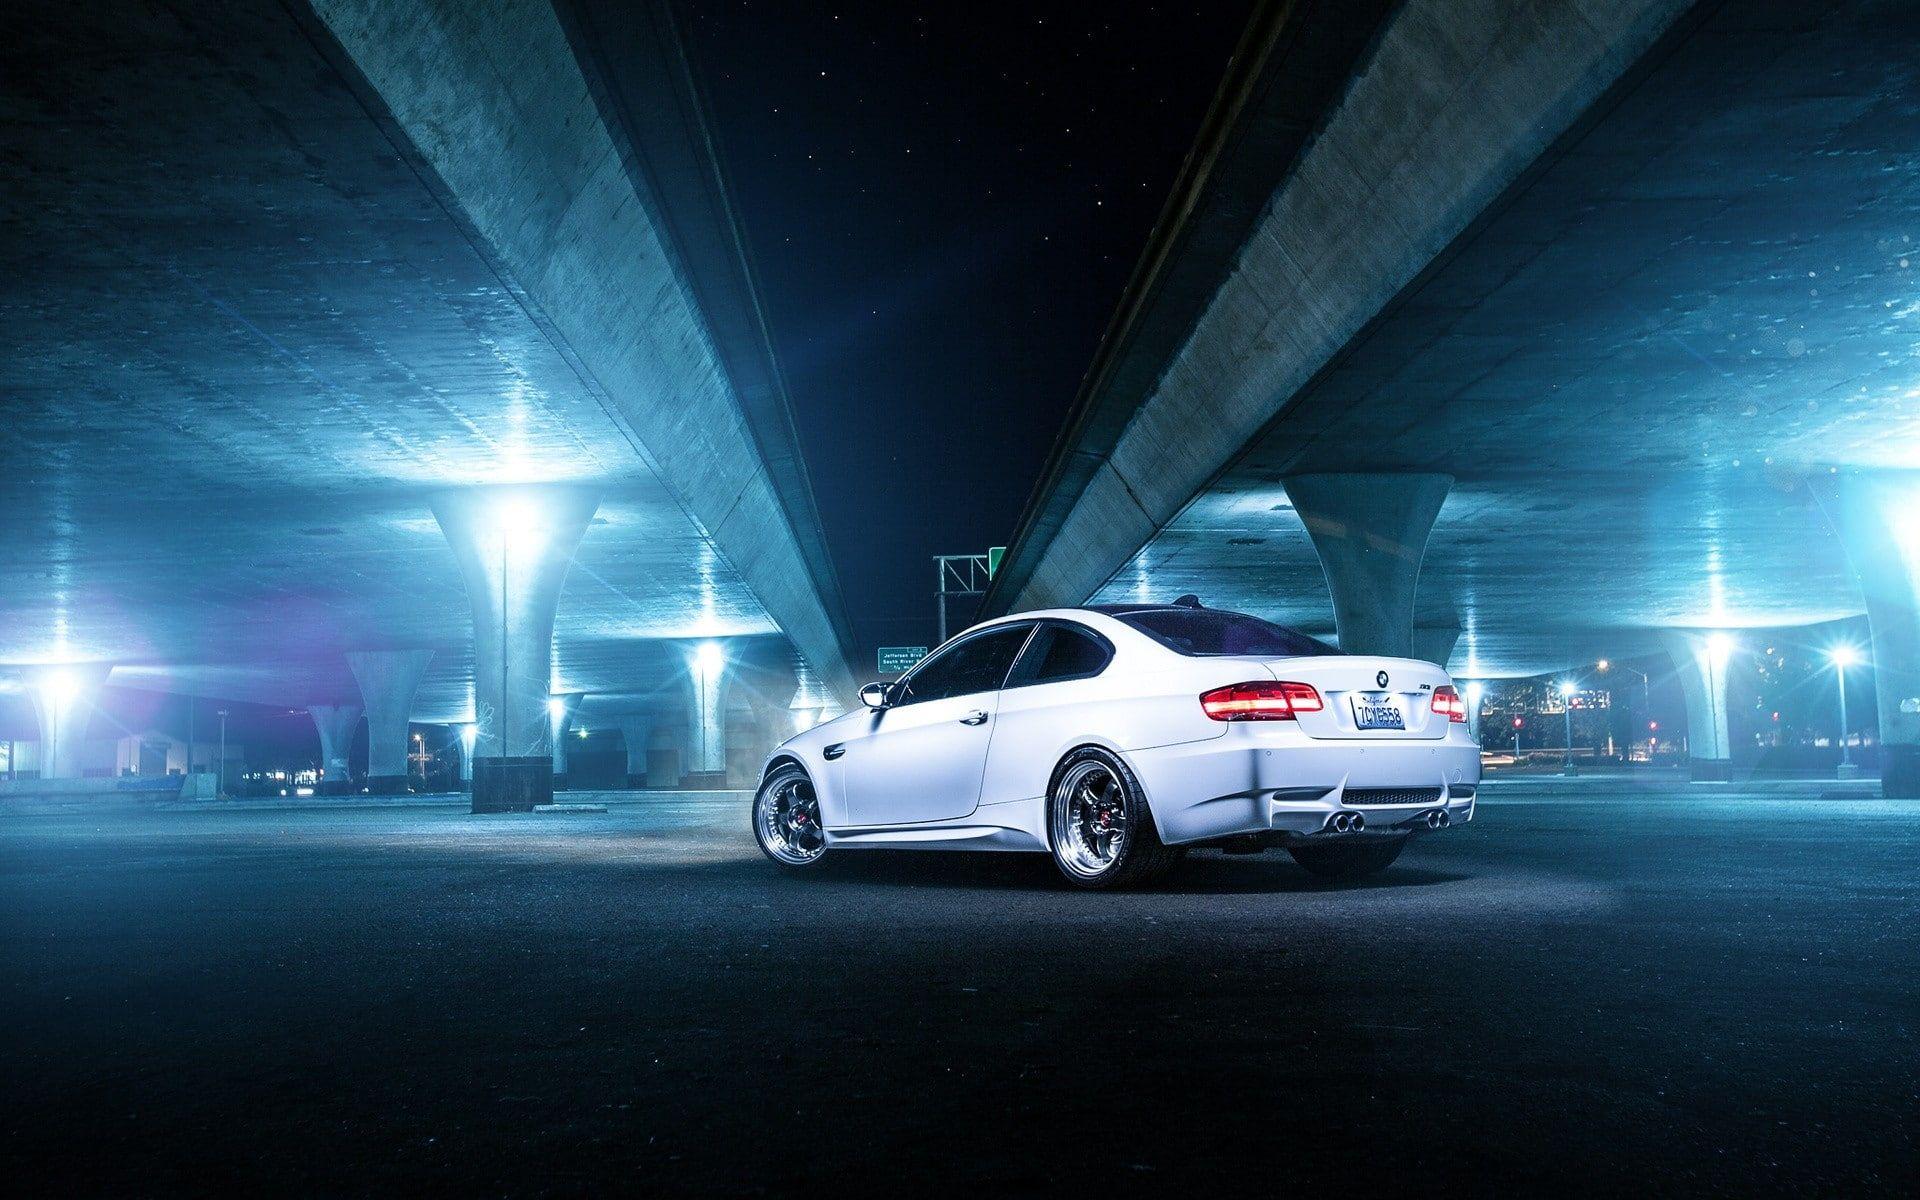 Bmw Bmw M3 Bmw E92 M3 Car Parking Lot White Cars 1080p Wallpaper Hdwallpaper Desktop White Car Bmw E92 M3 Bmw M3